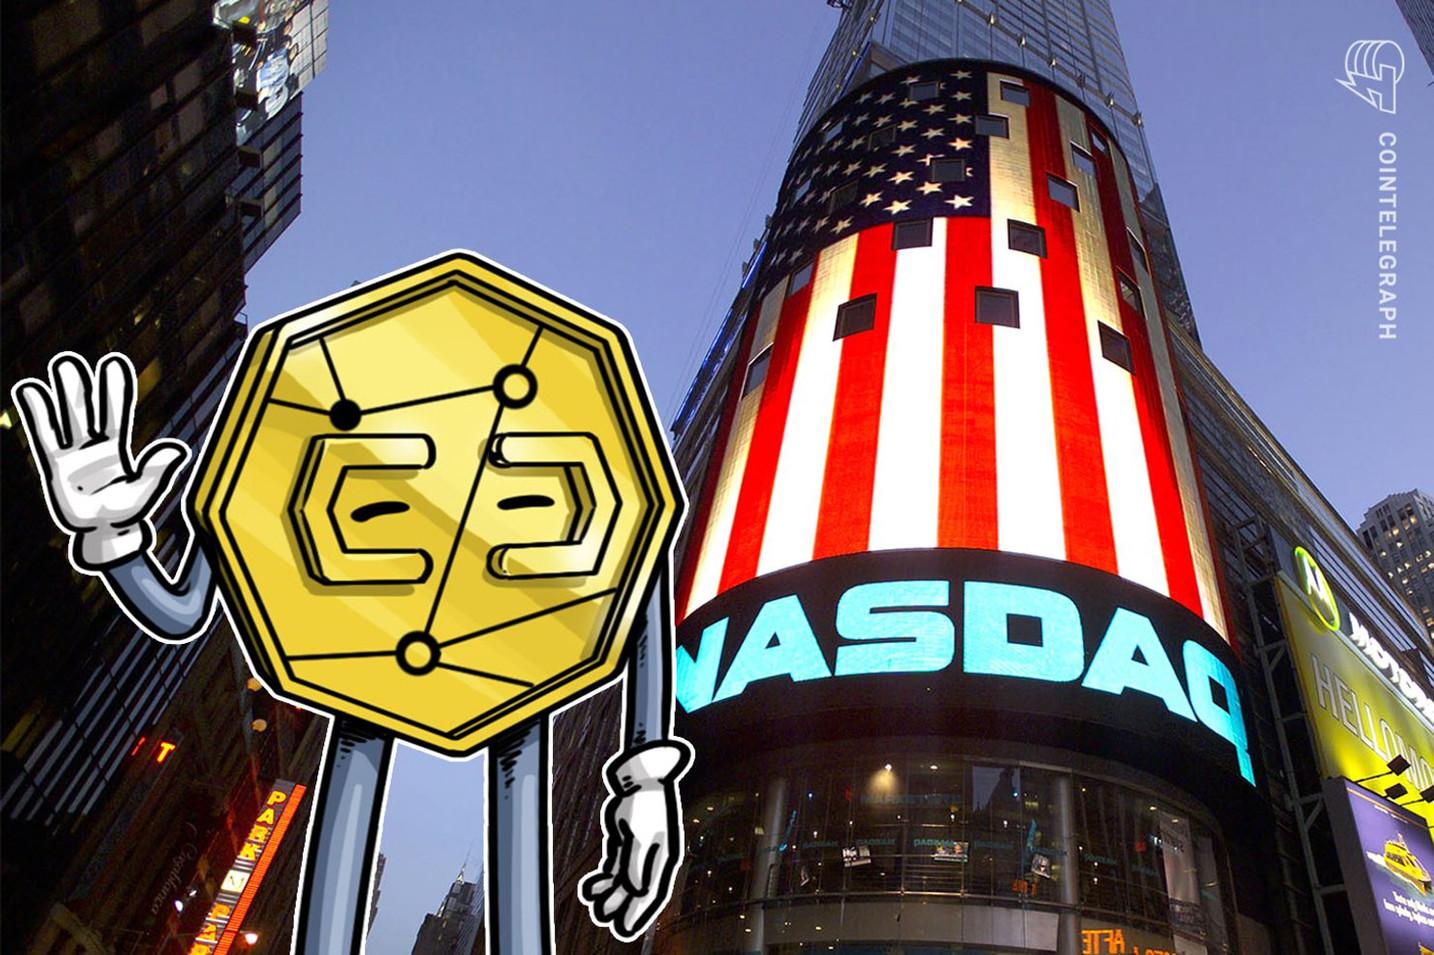 ナスダックが投資家向けに仮想通貨の価格予想データの提供強化へ 欧州データプロバイダーと連携